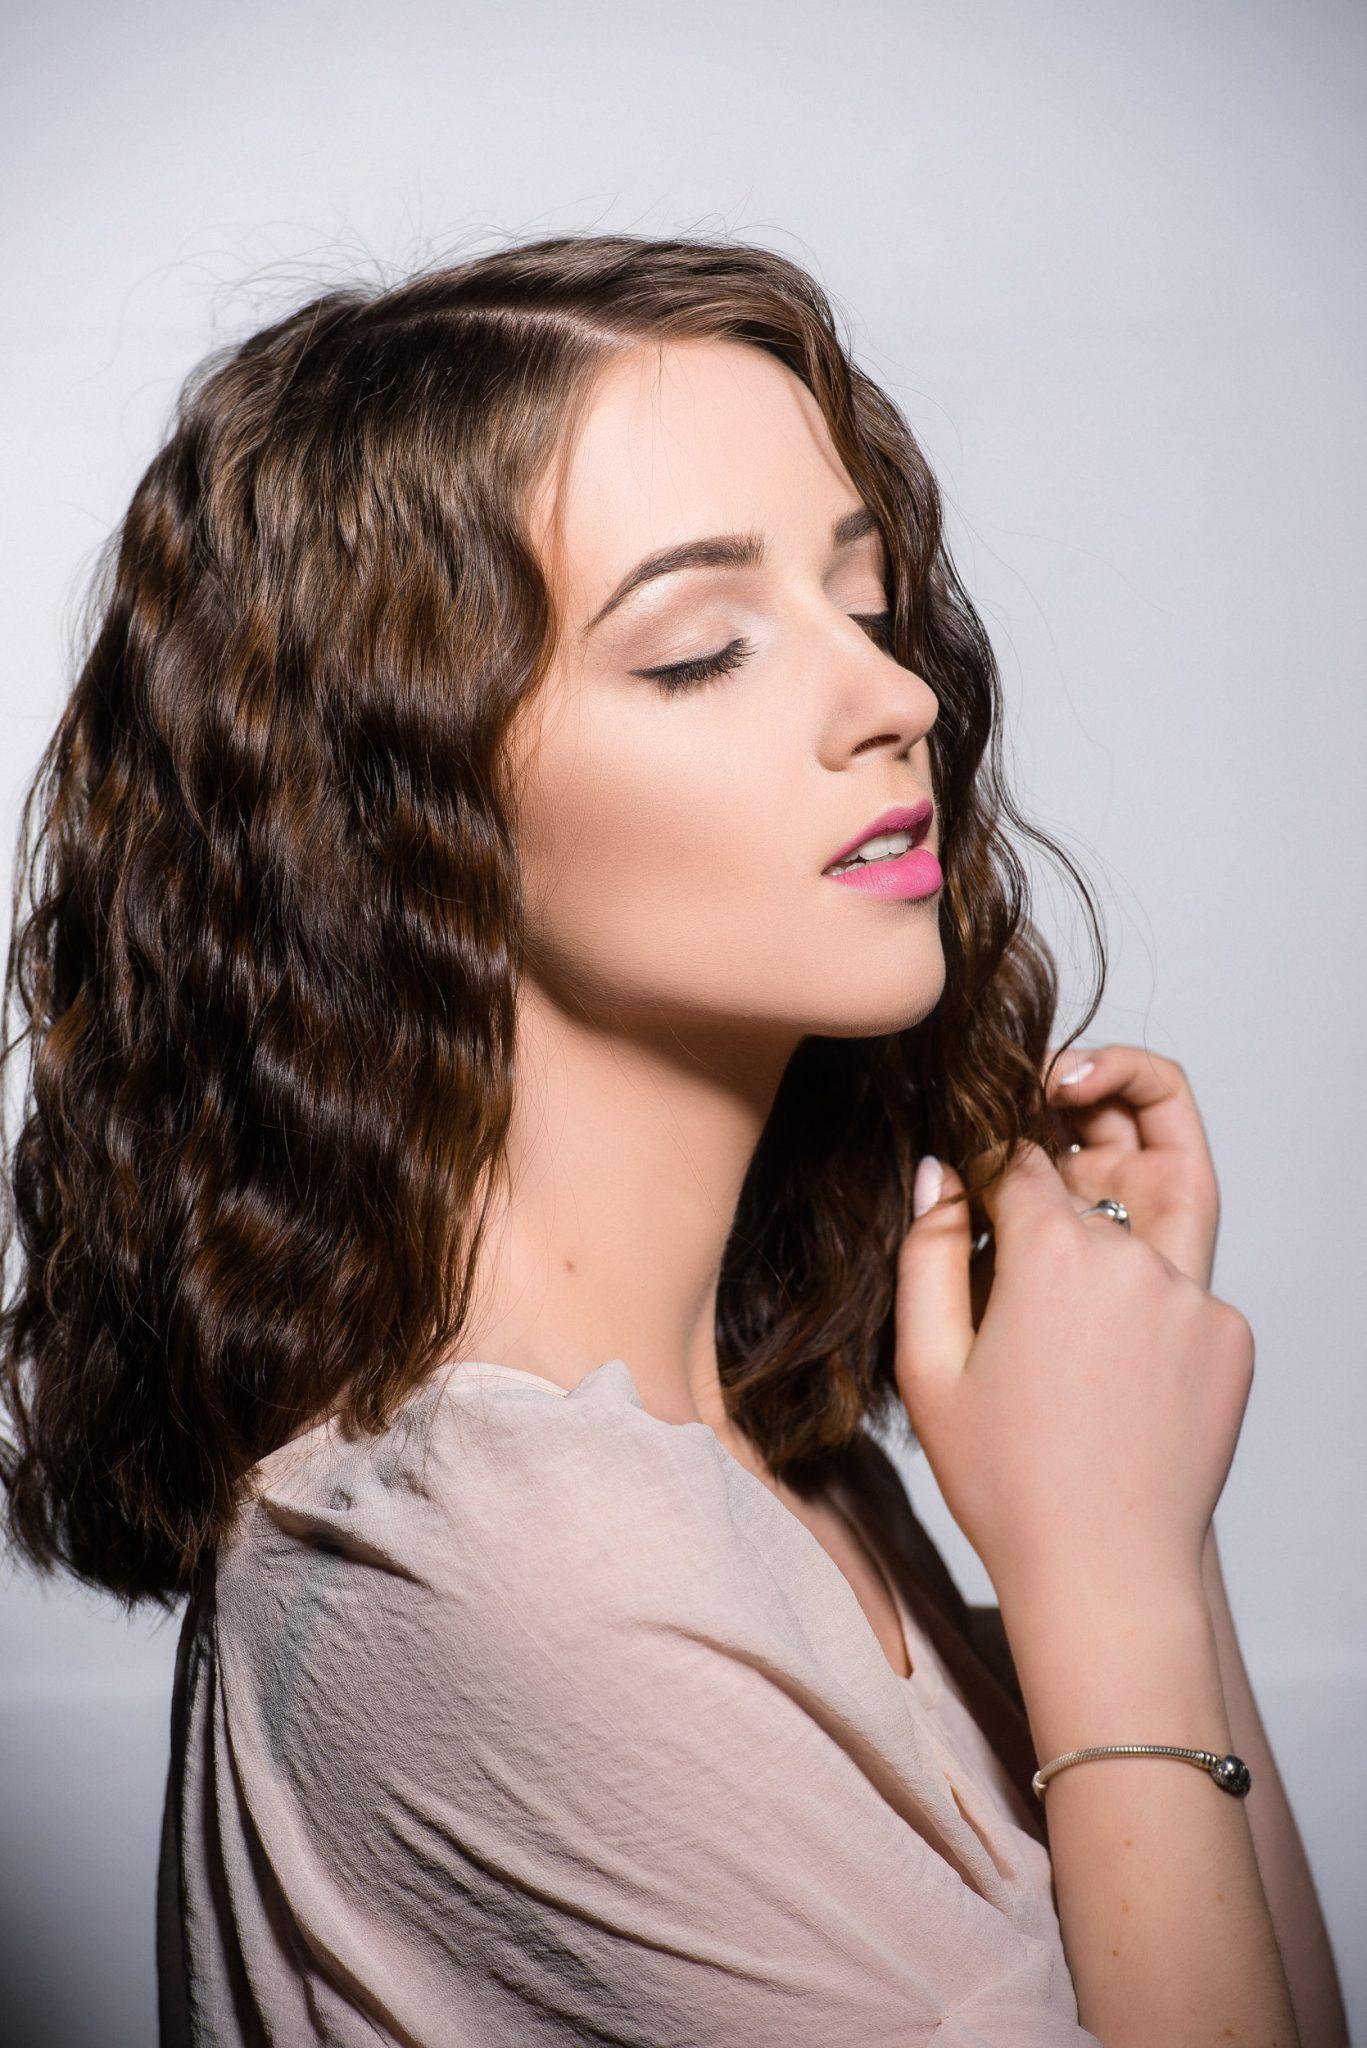 Визаж (makeup) в фотостудии Frontpage